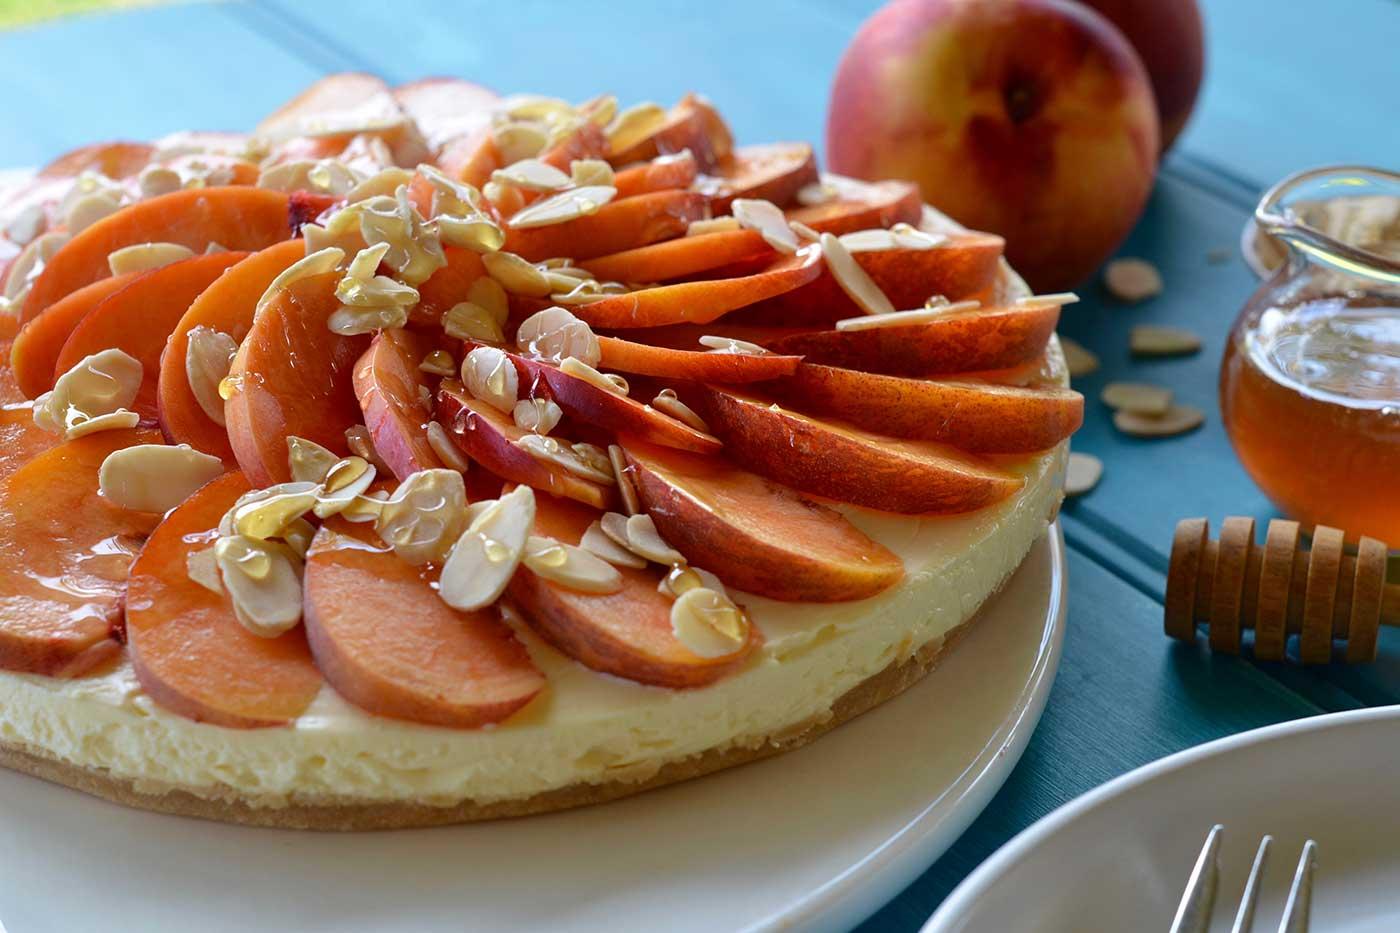 Nectarine-Almond-and-Honey-Cheesecake-Thermomix-Recipe